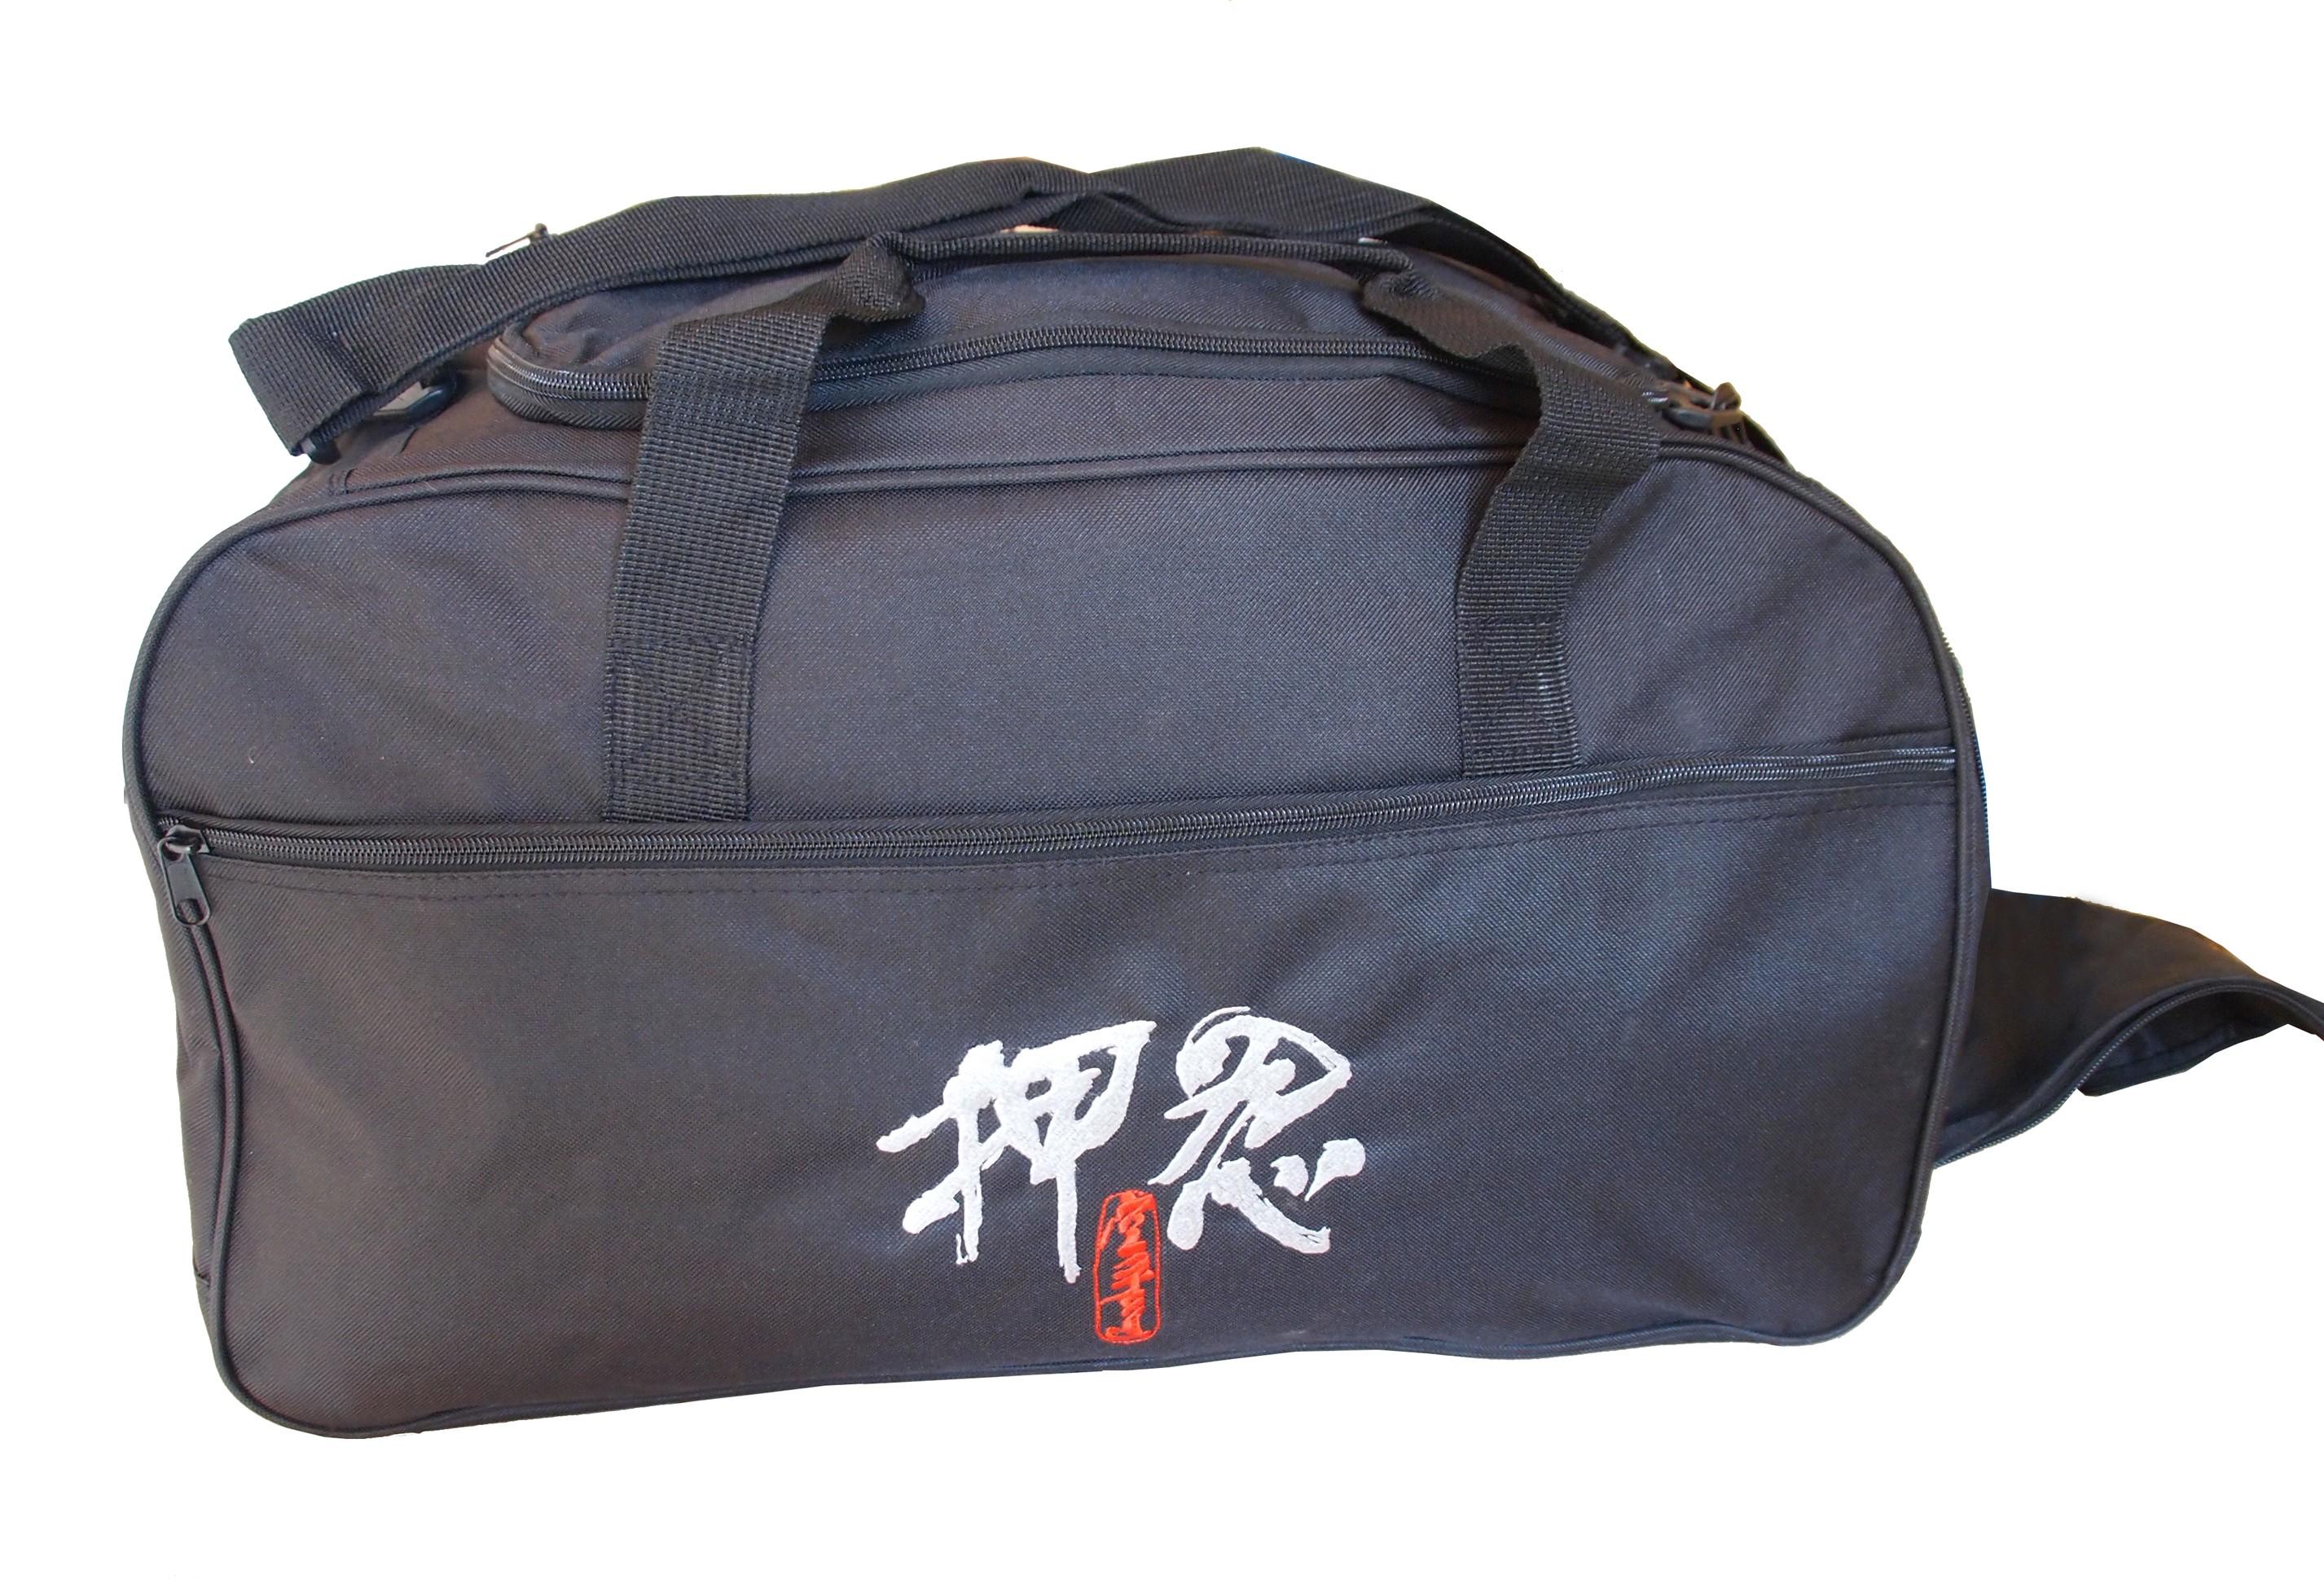 Karate Bag For Daily Training Oss Premierdan Online Kobudo